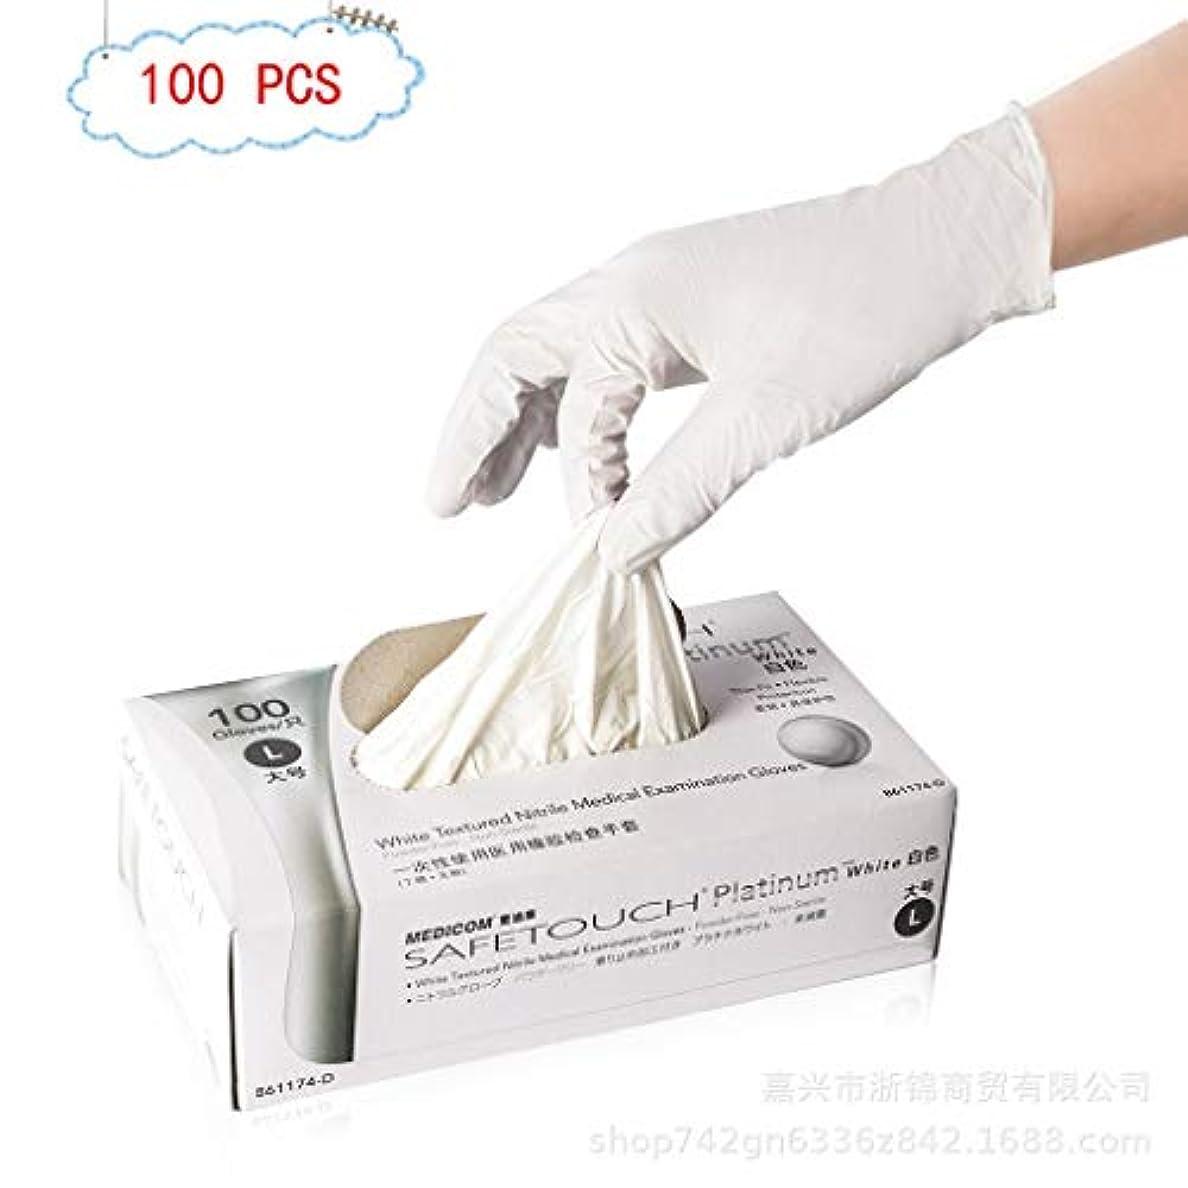 ハッピートランクブロック9インチ使い捨てニトリル手袋ホワイト労働保険100の実験的工業用食品家事ボックス (Size : M)